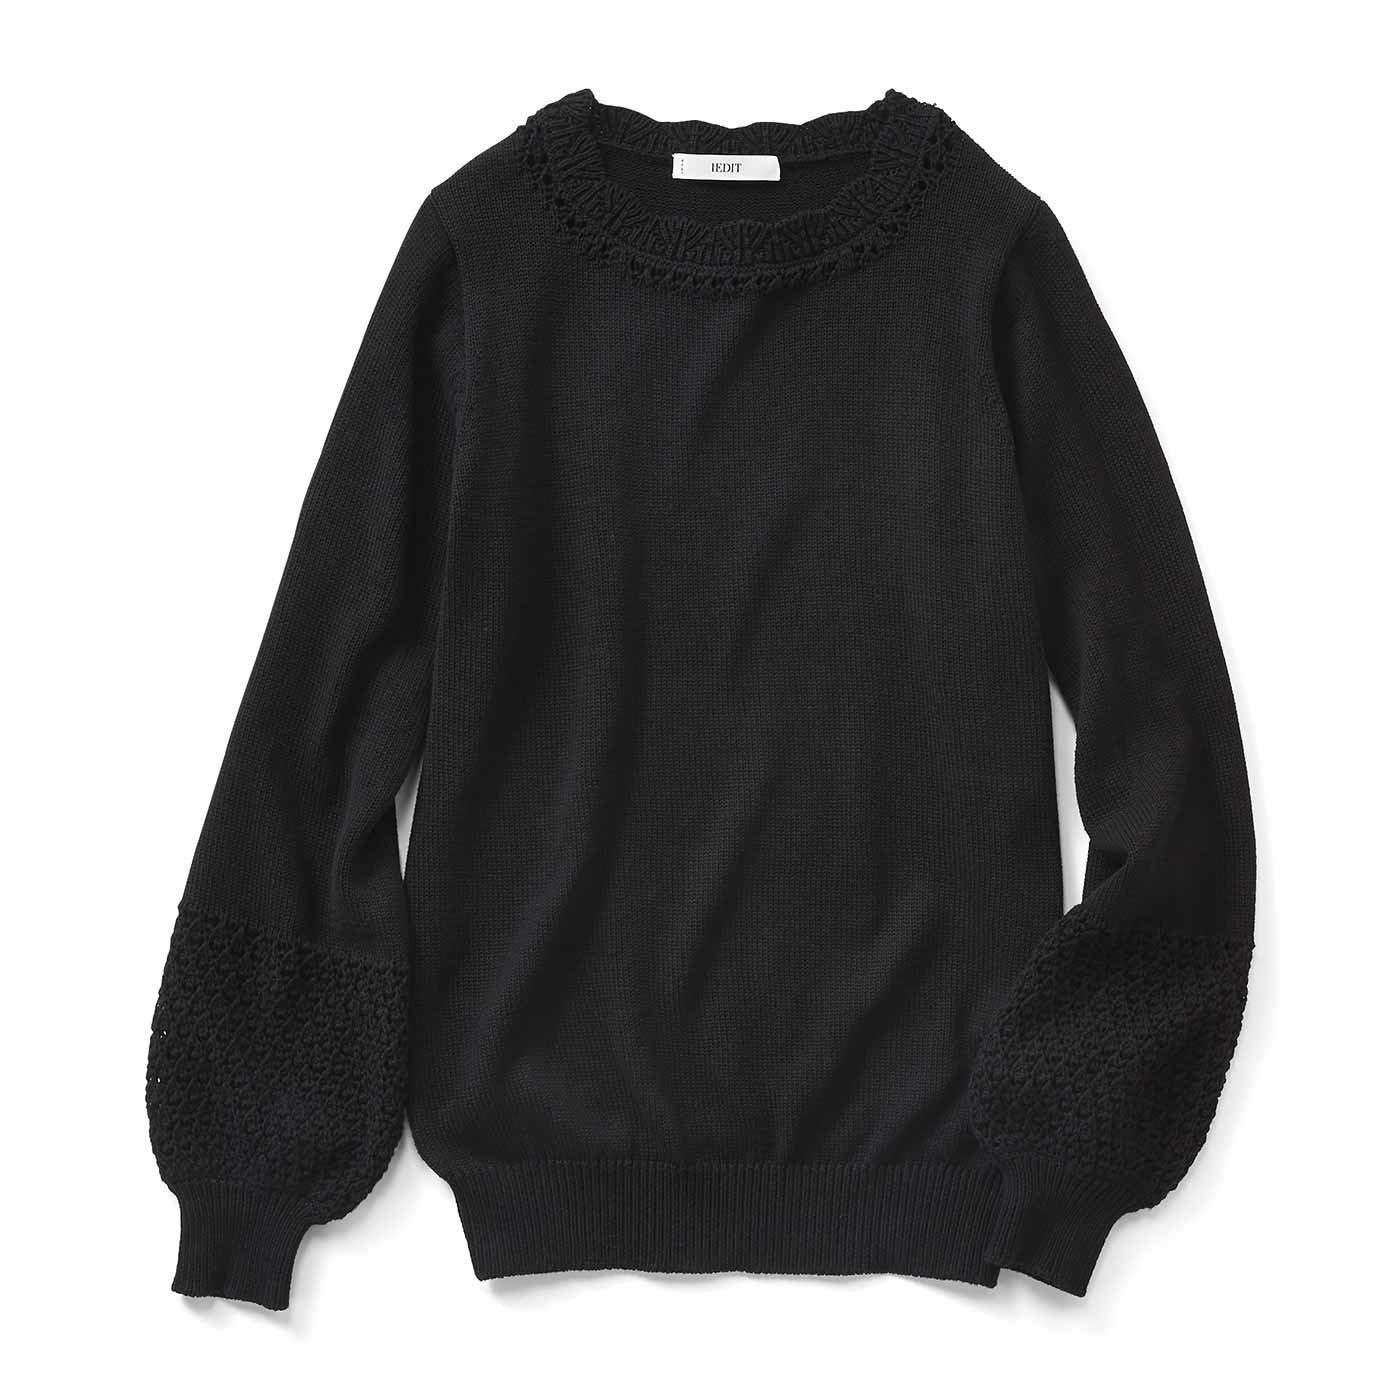 IEDIT[イディット] 透かし編みがポイントのコットンニット〈ブラック〉